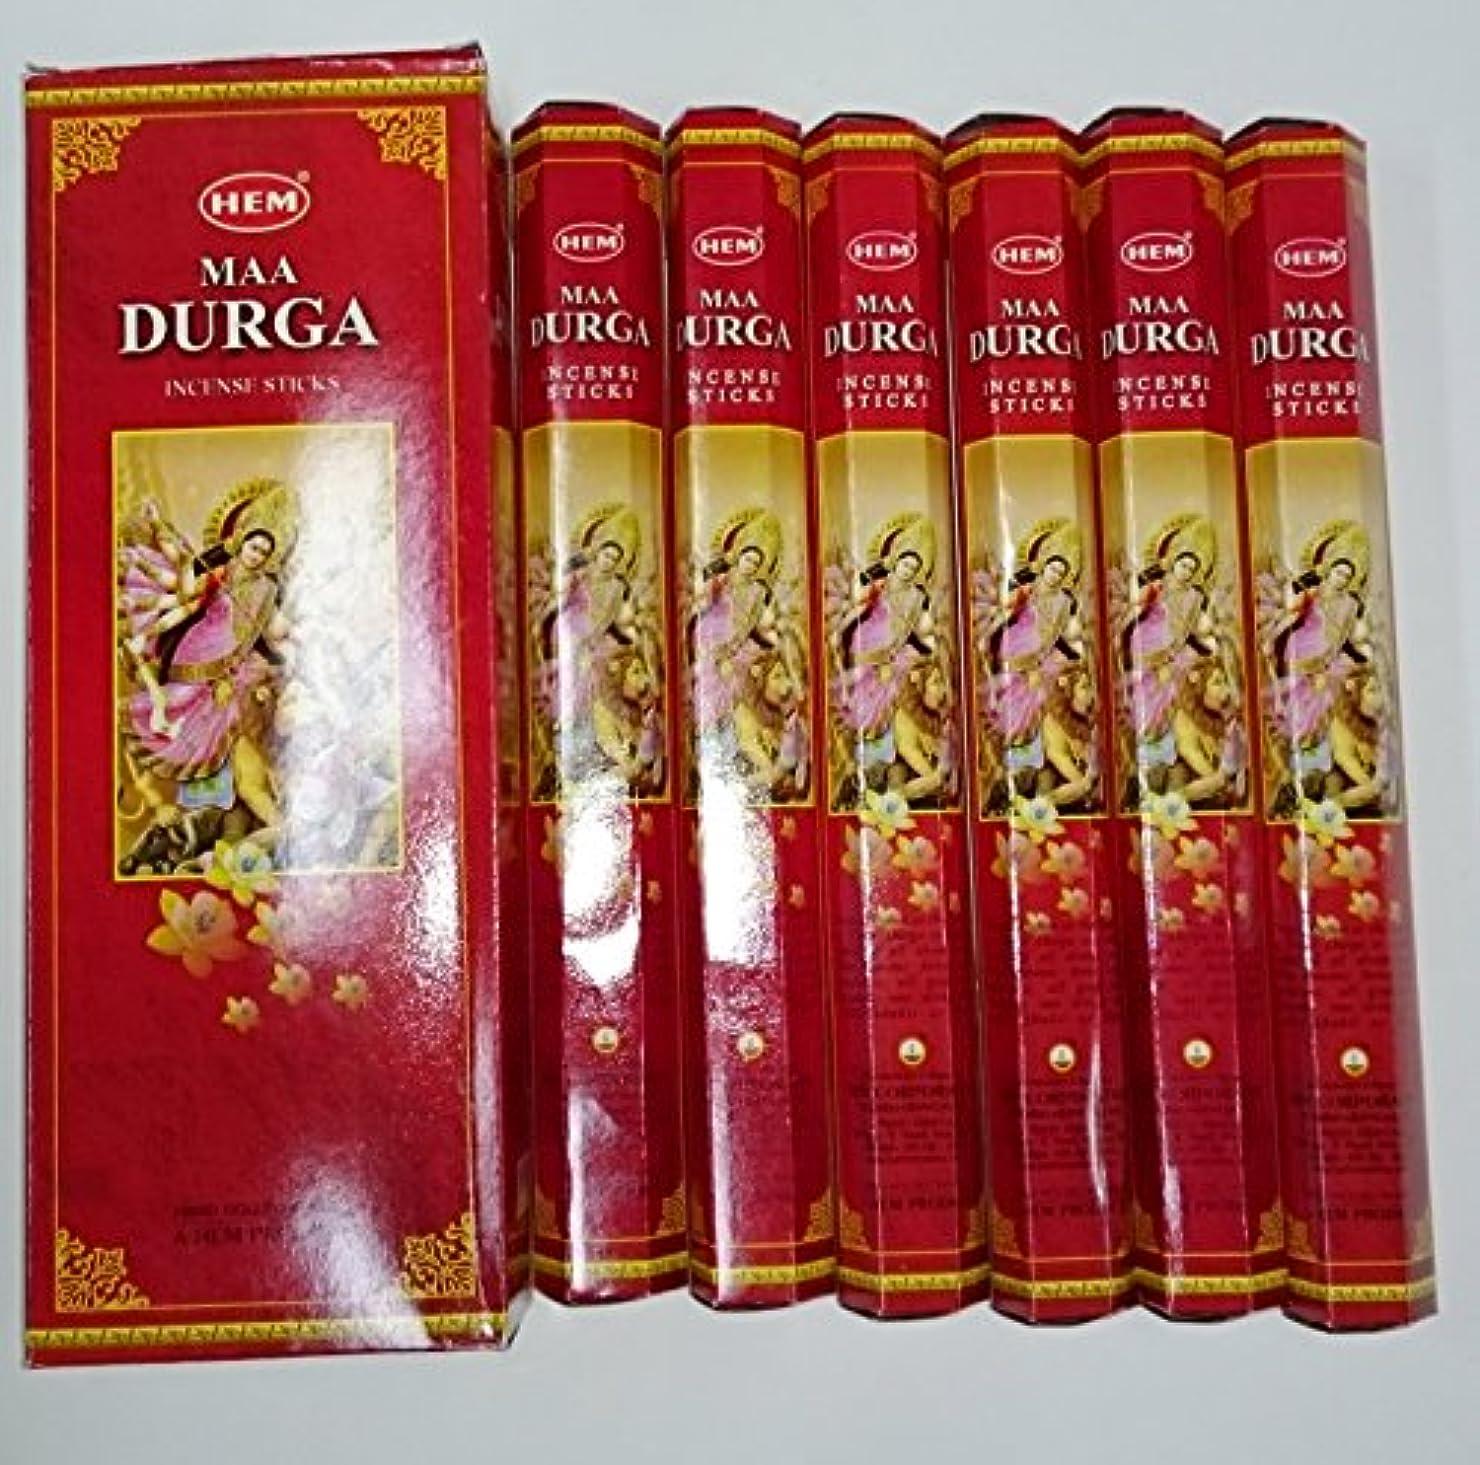 エレガント遠征お尻HEM(ヘム) スティックお香 六角香 ヘキサパック ドゥルガー香 6角(20本入)x6箱[並行輸入品]DURGA